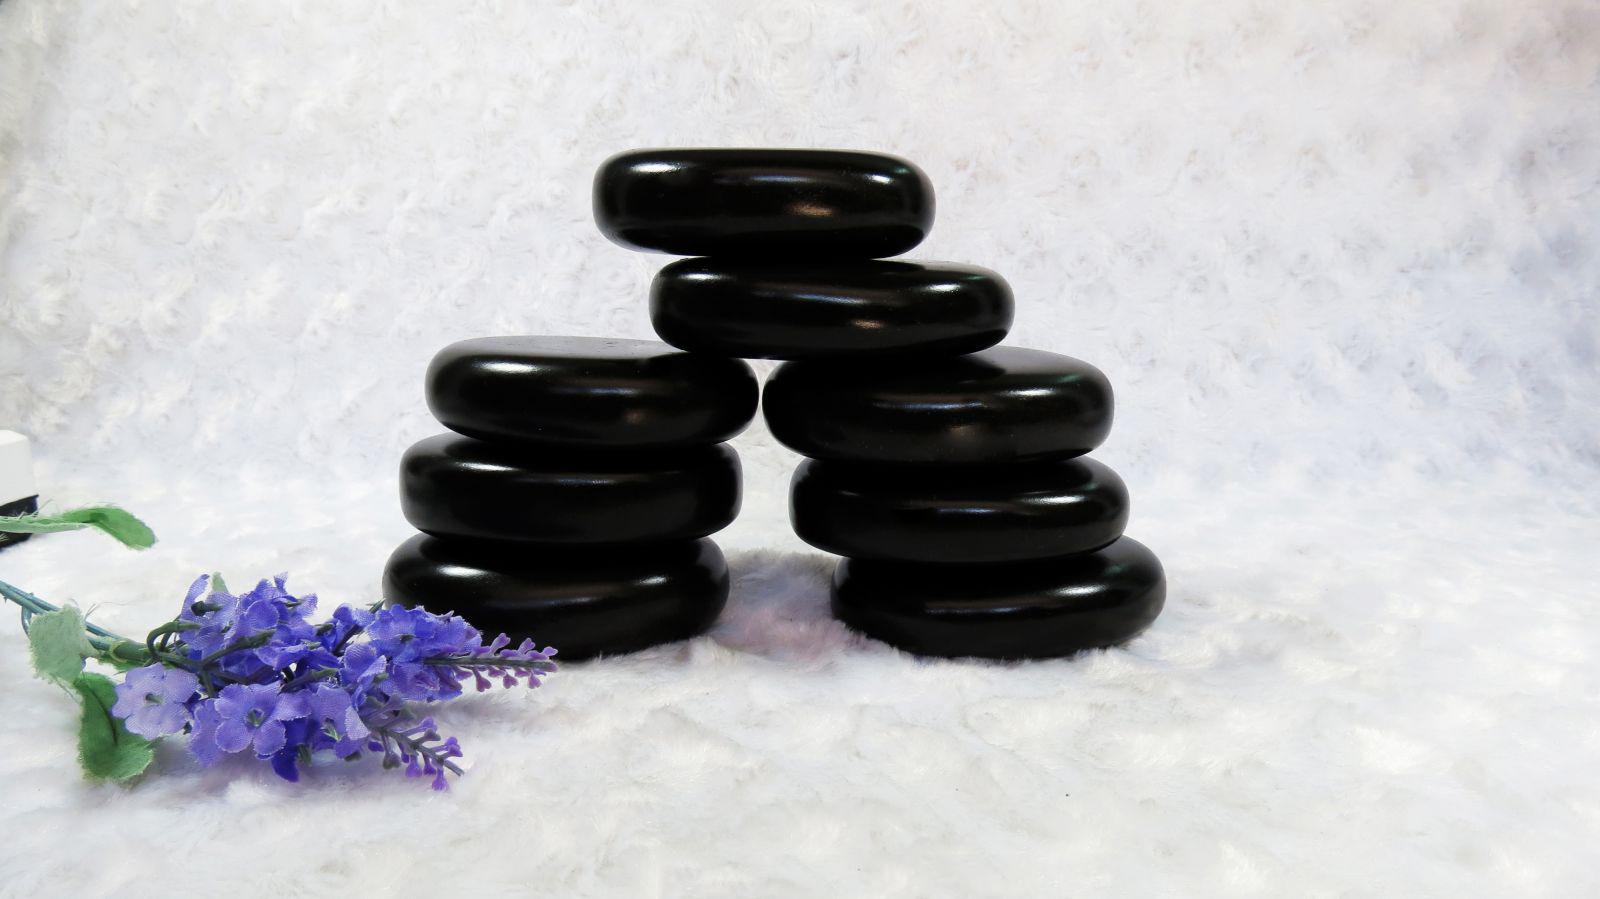 Nâng cấp dịch vụ massage tại spa với nguồn năng lượng tuyệt vời từ đá nóng massage 8